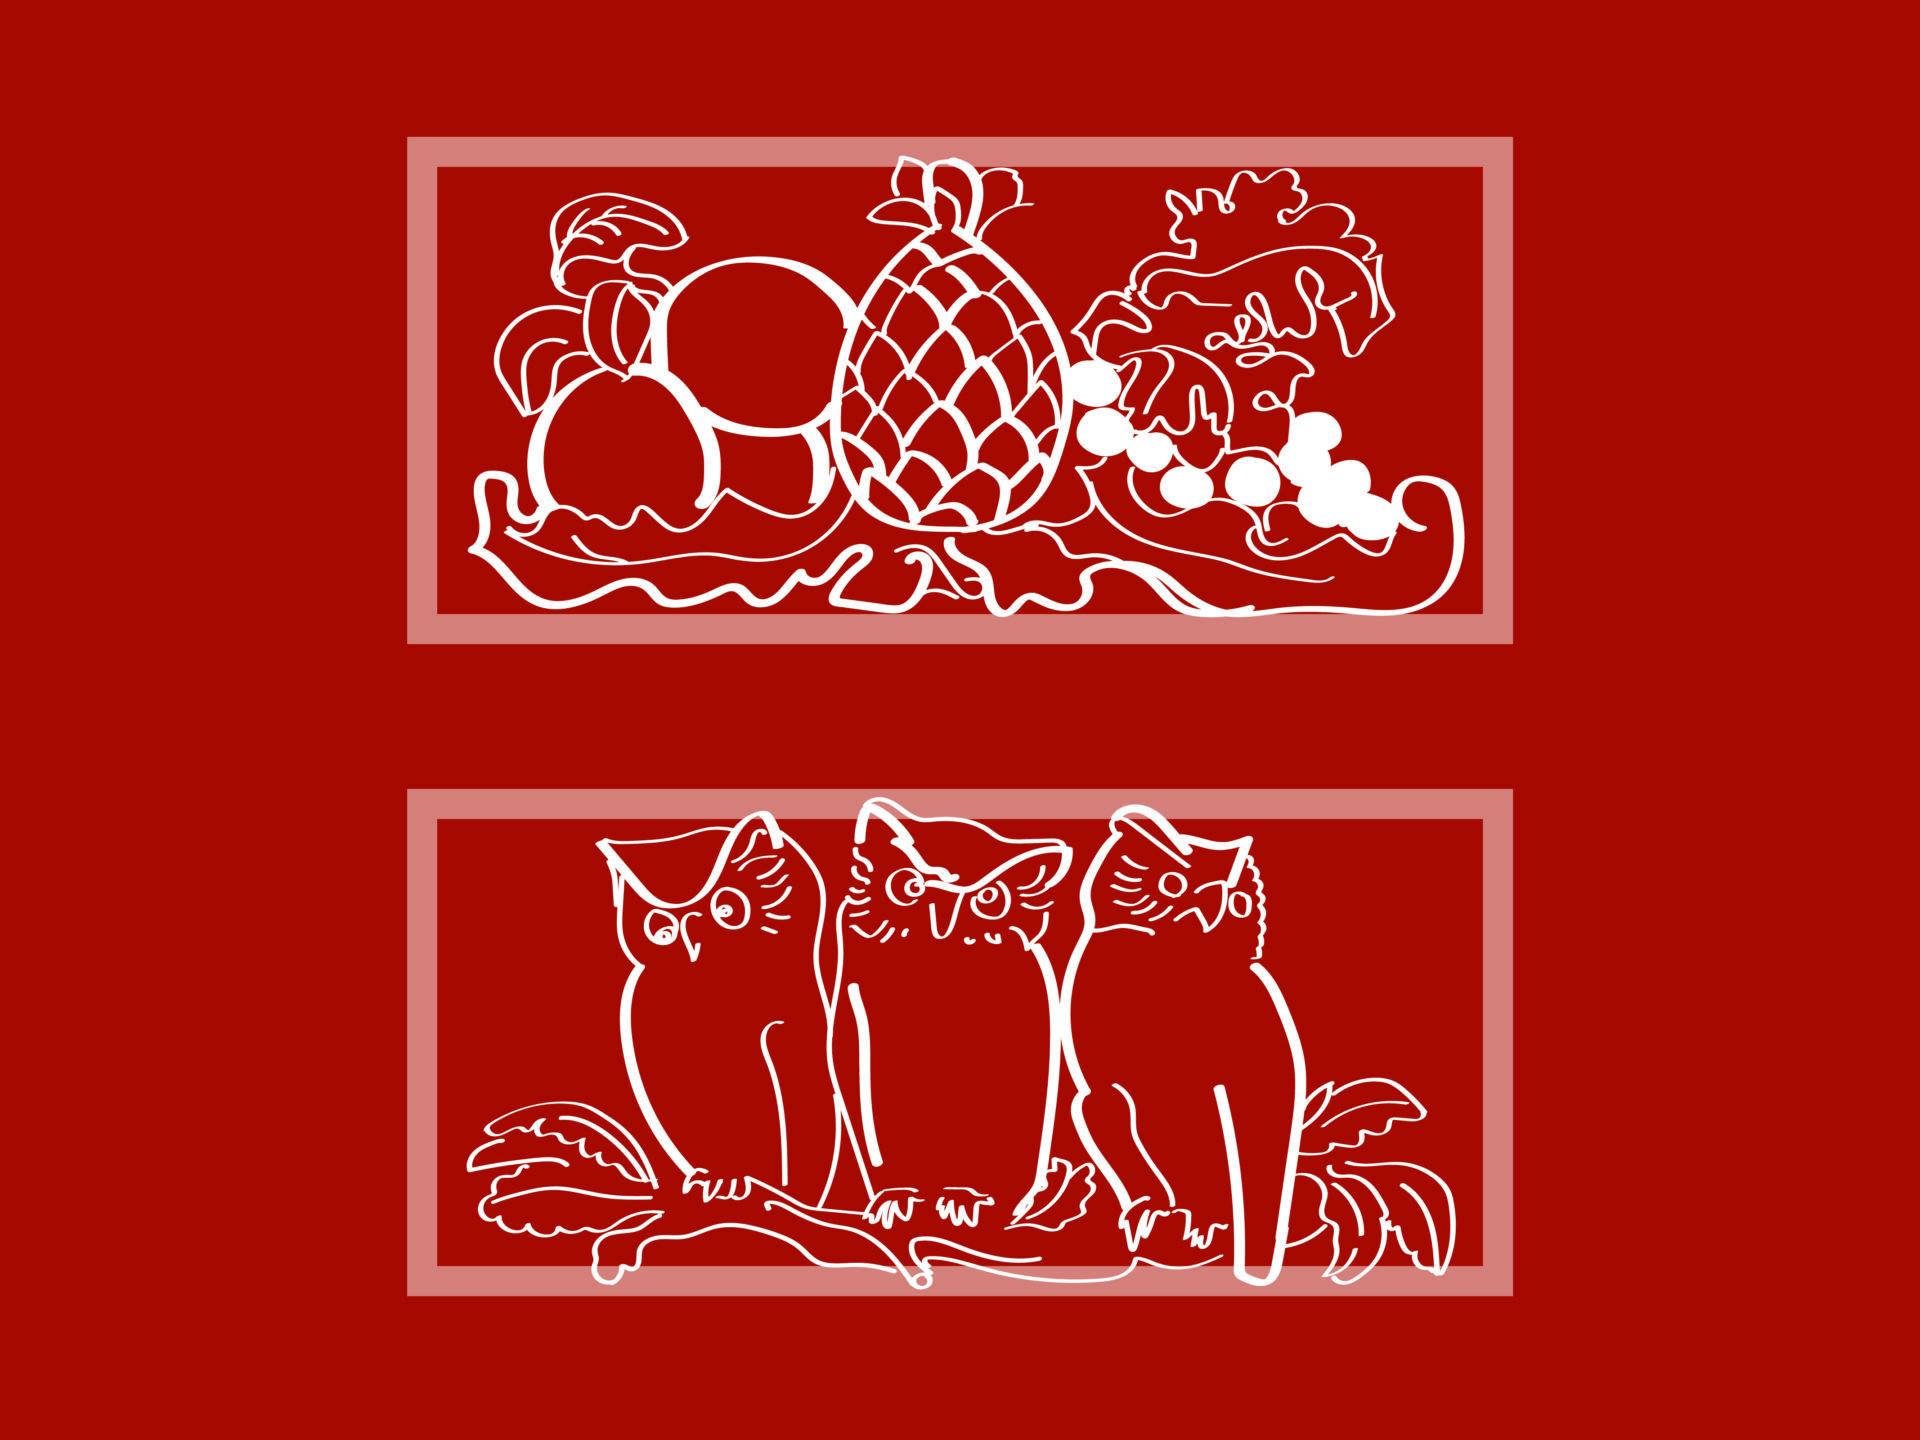 Na czerwonym tle dwa białe rysunki ujęte wprostokątne ramki, jeden poddrugim. Napierwszym owoce rozłożone nafantazyjnie wywiniętym liściu, nadrugim trzy sowy siedzące nagałęzi.